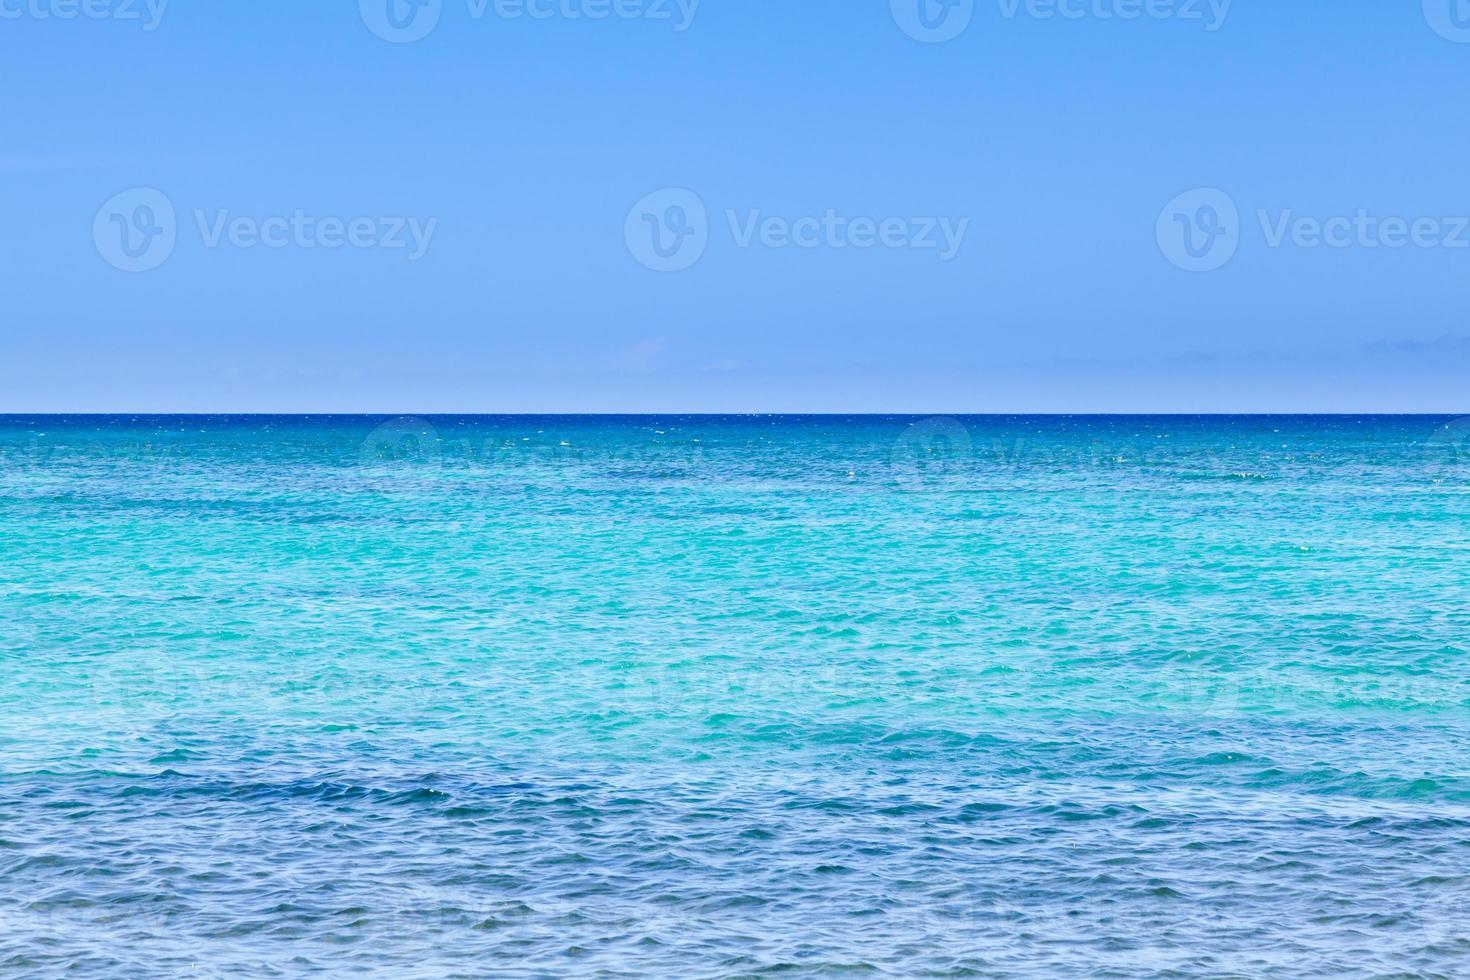 vista panorámica del océano pacífico foto